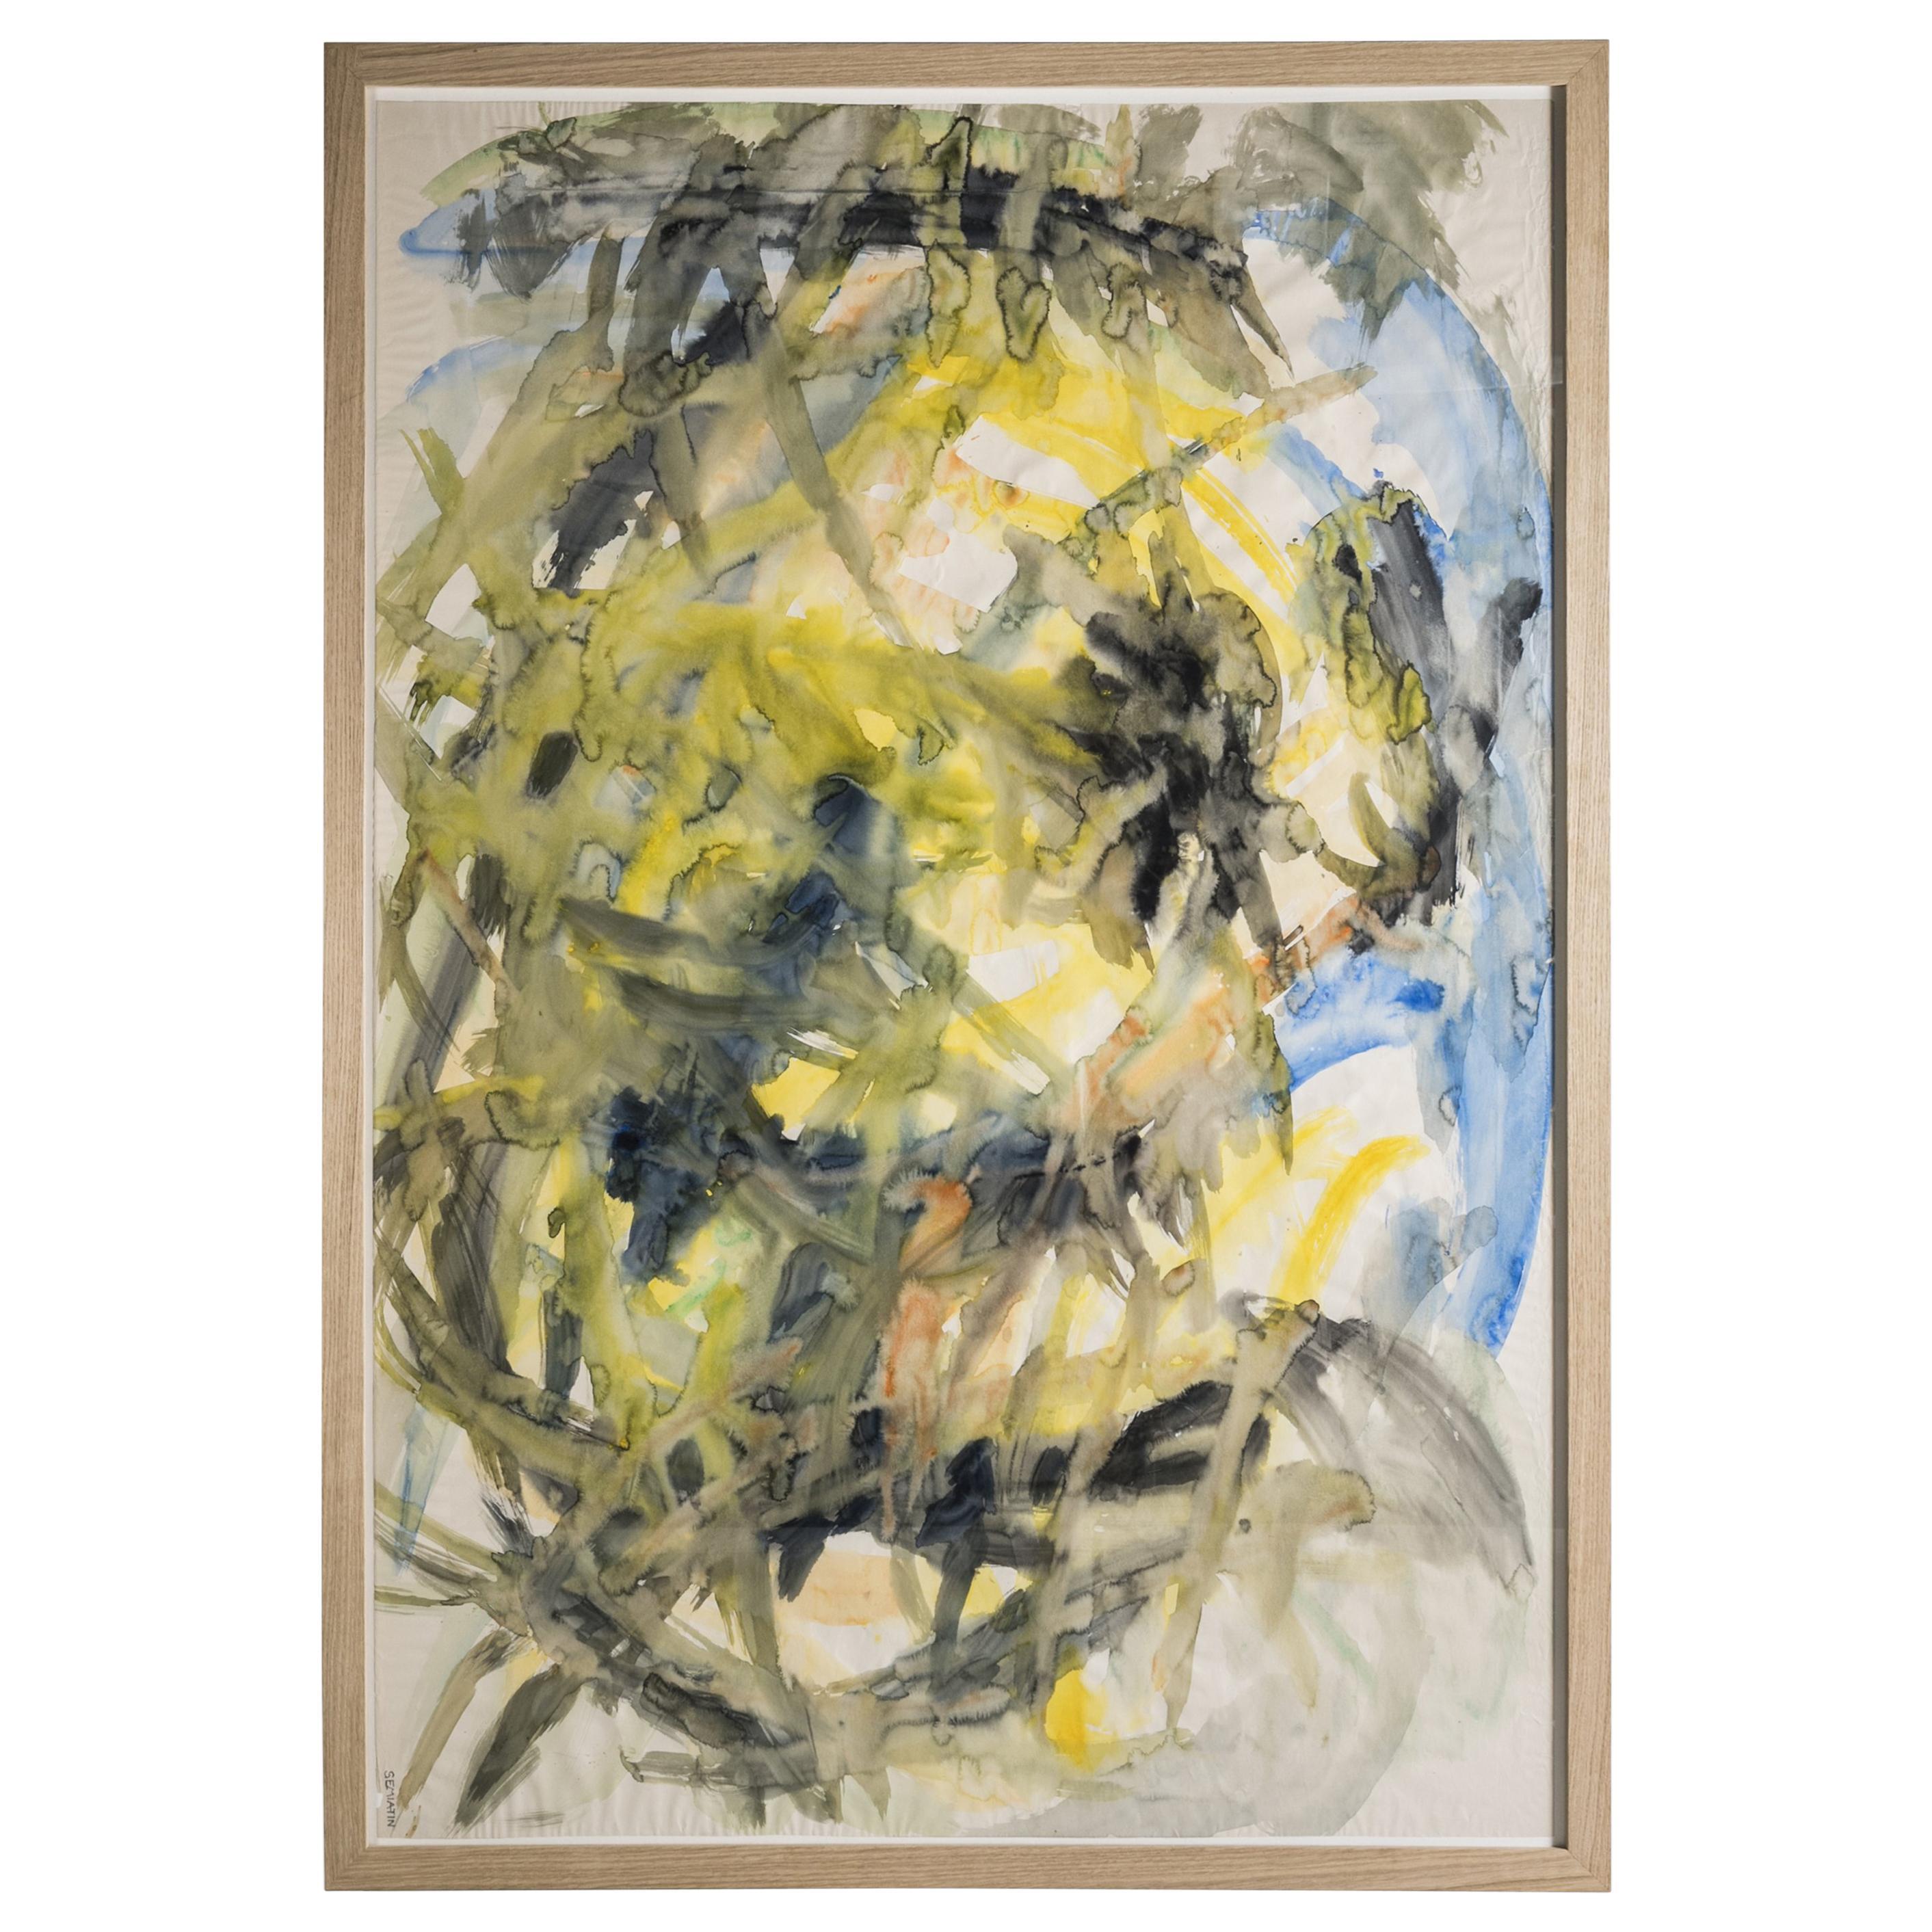 Original Paintings by Jacob Semiatin